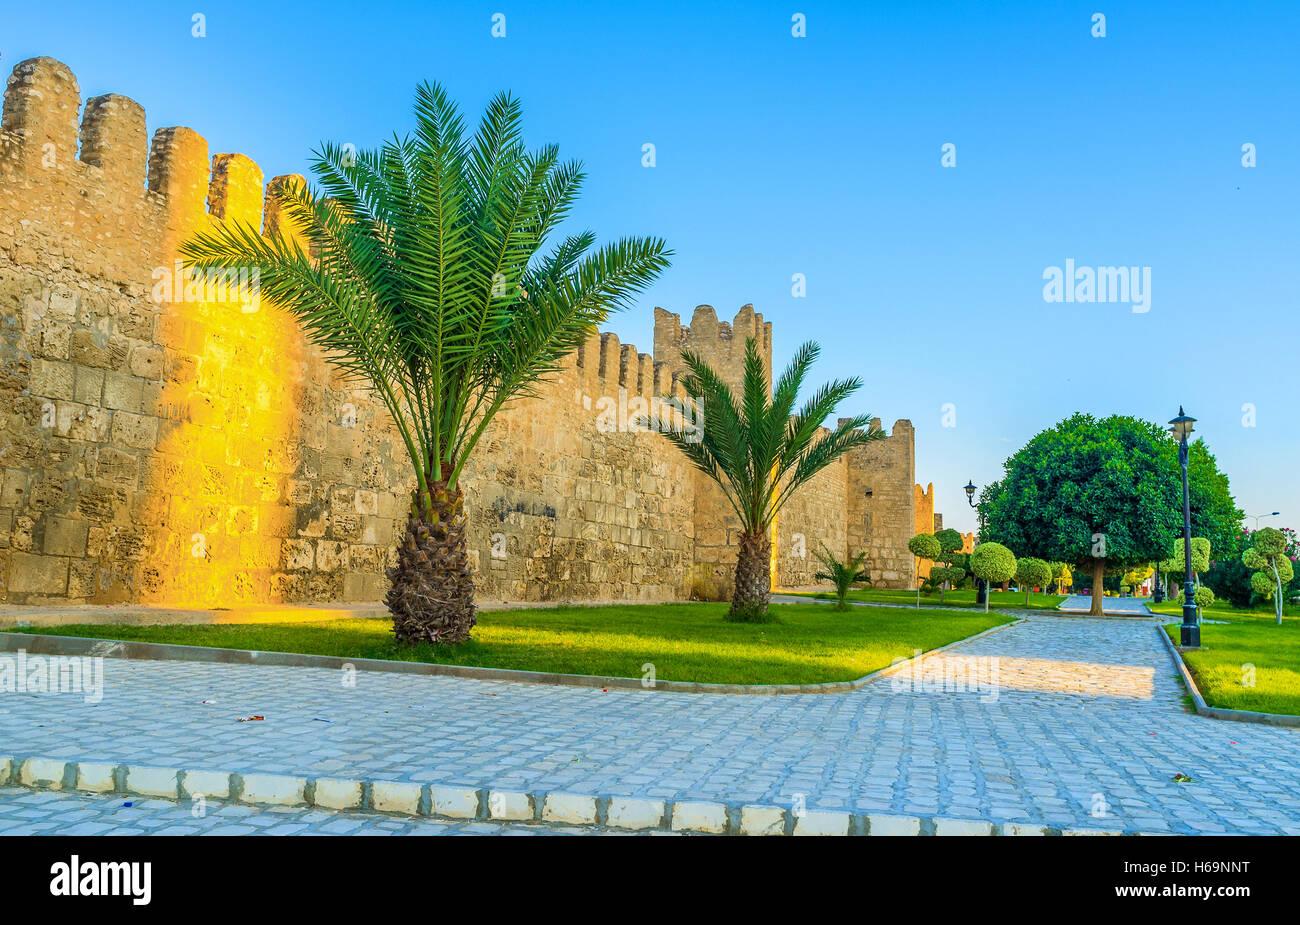 Les murs médiévaux de Medina Sousse l'air encore plus beau, parce que le jardin verdoyant qui les Photo Stock